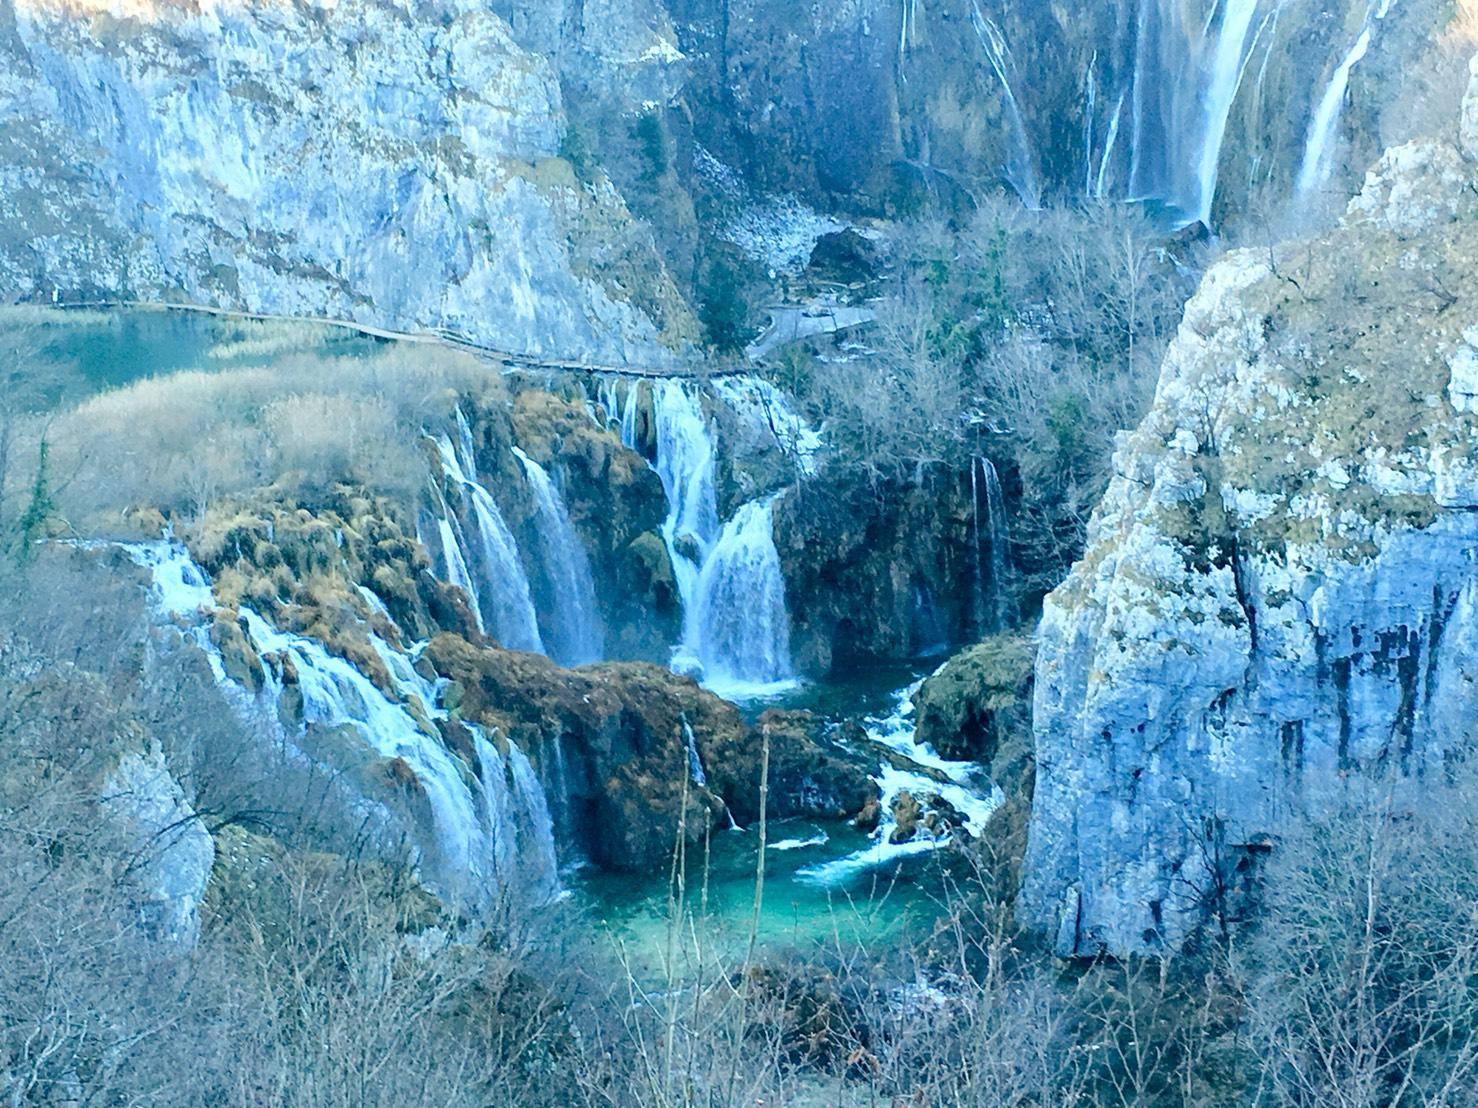 絶景!冬のプリトヴィツェ湖群国立公園に行ってきました ...